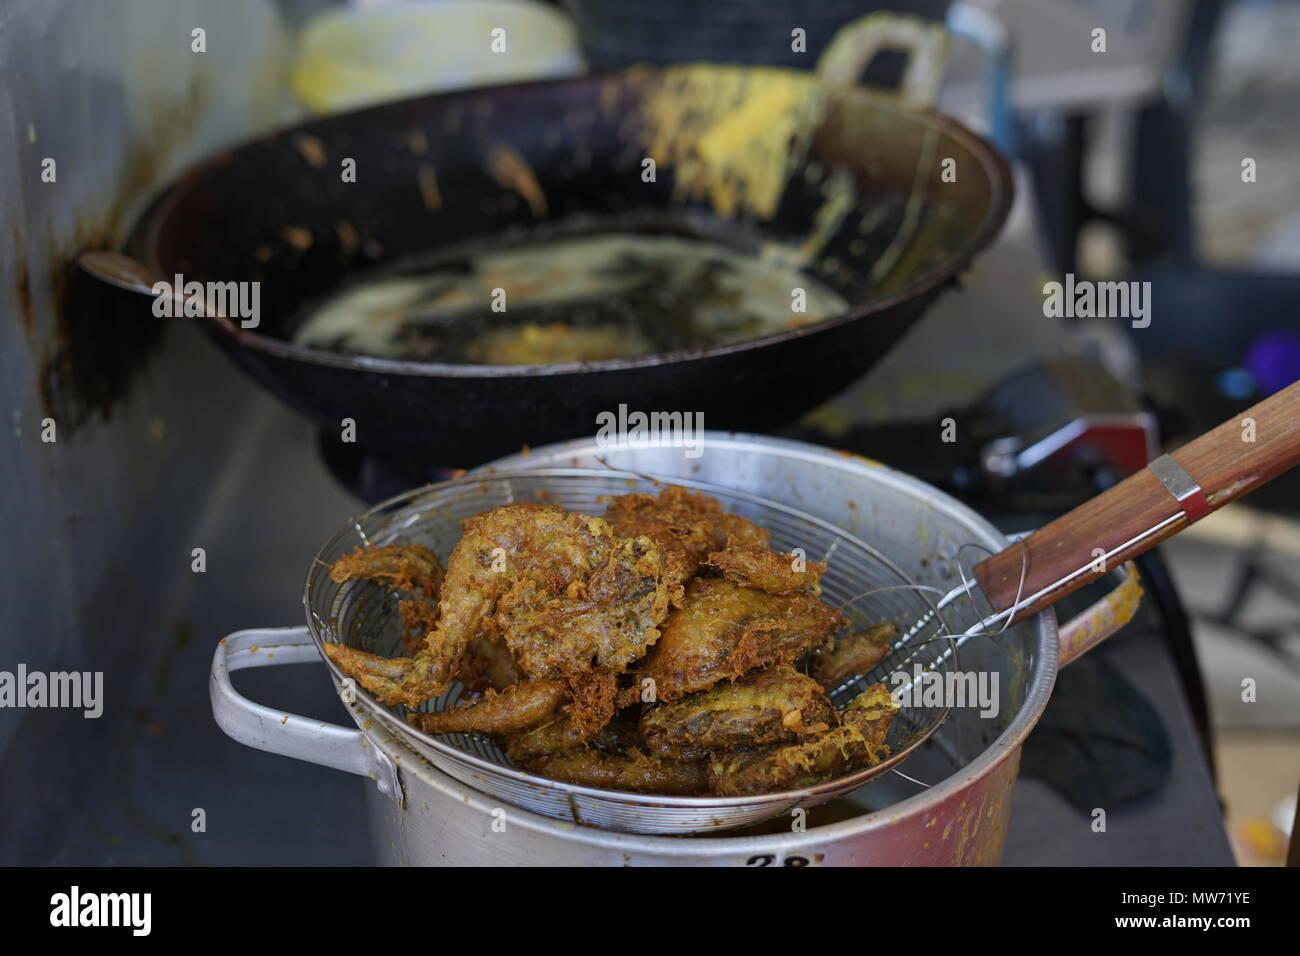 Poulet frit avec garniture croquante savoureuse la vente au marché de l'alimentation de rue Photo Stock